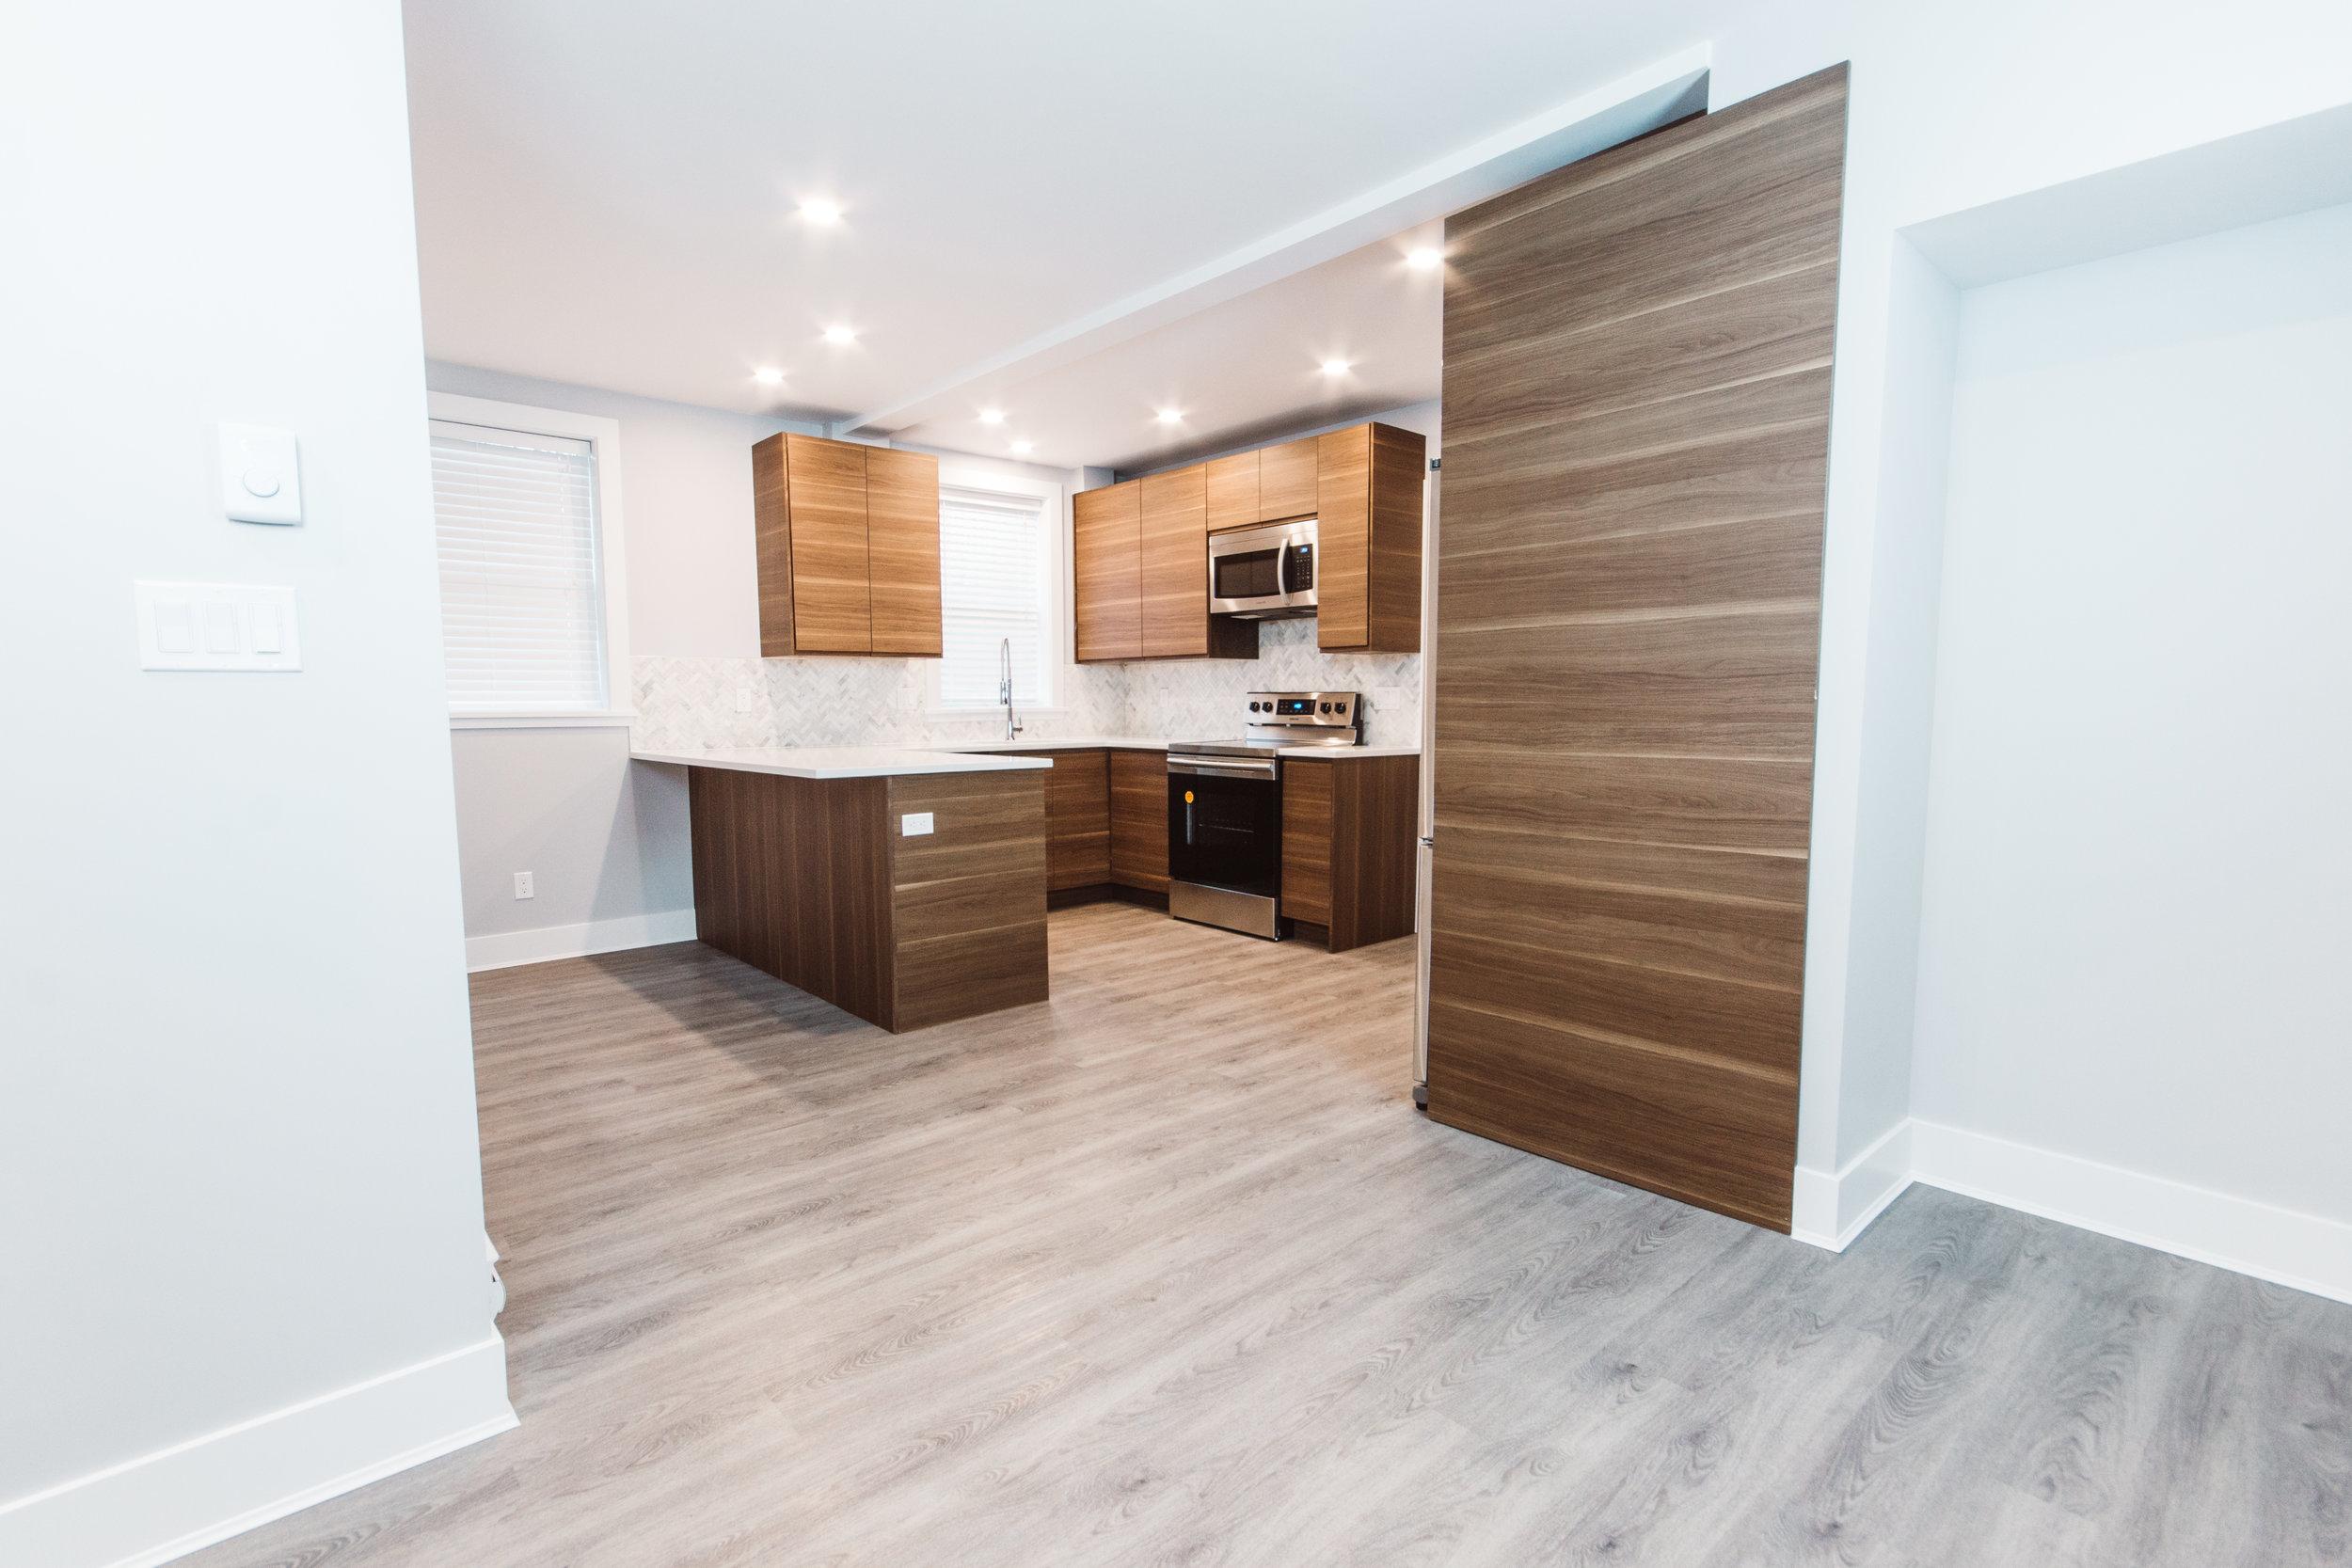 Suite3_Kitchen-LivingRoom.jpg